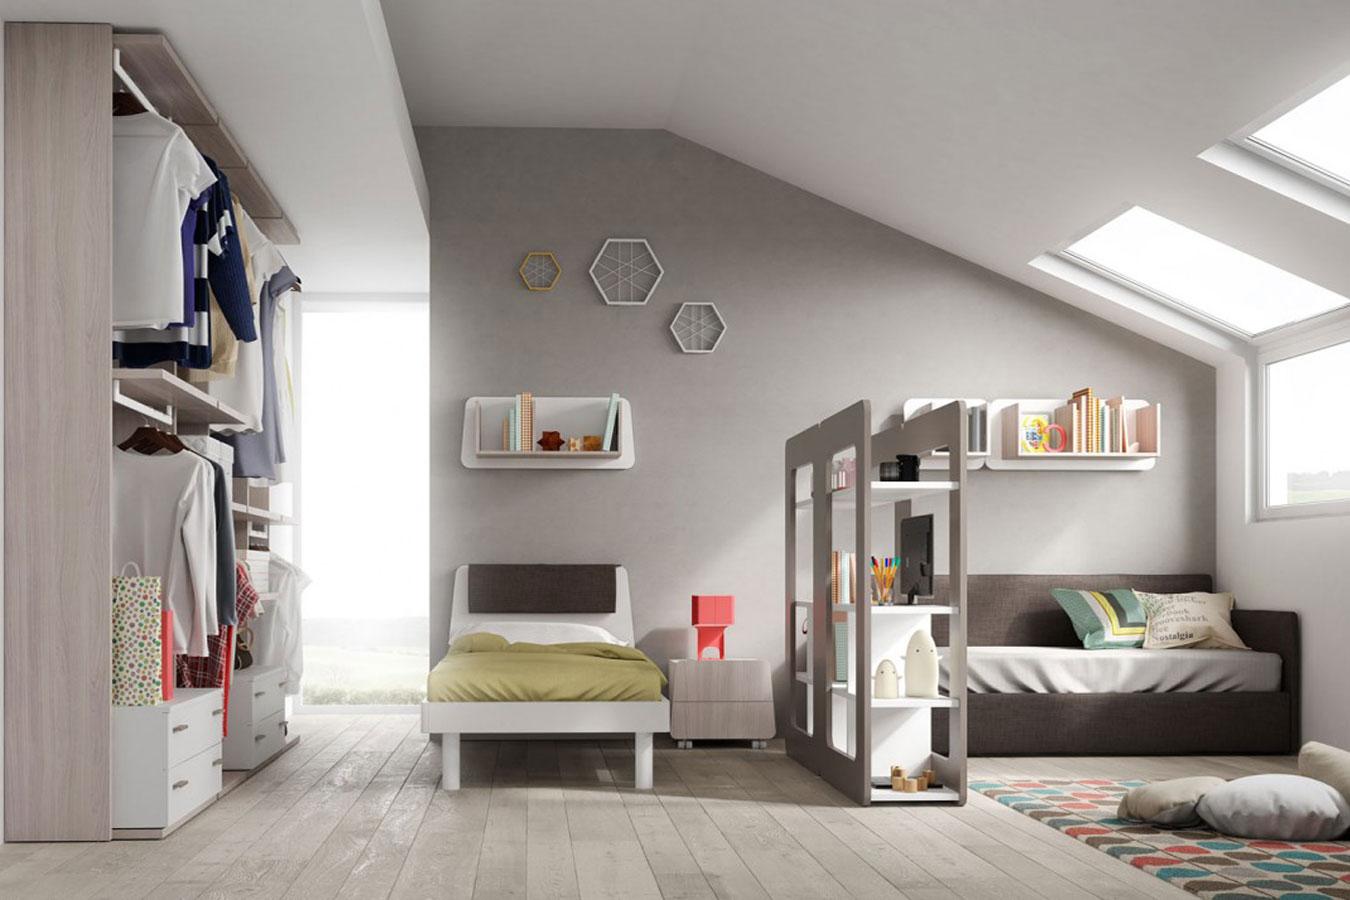 Camerette evo di mistral righetti mobili novara - Camerette per bambini economiche ...